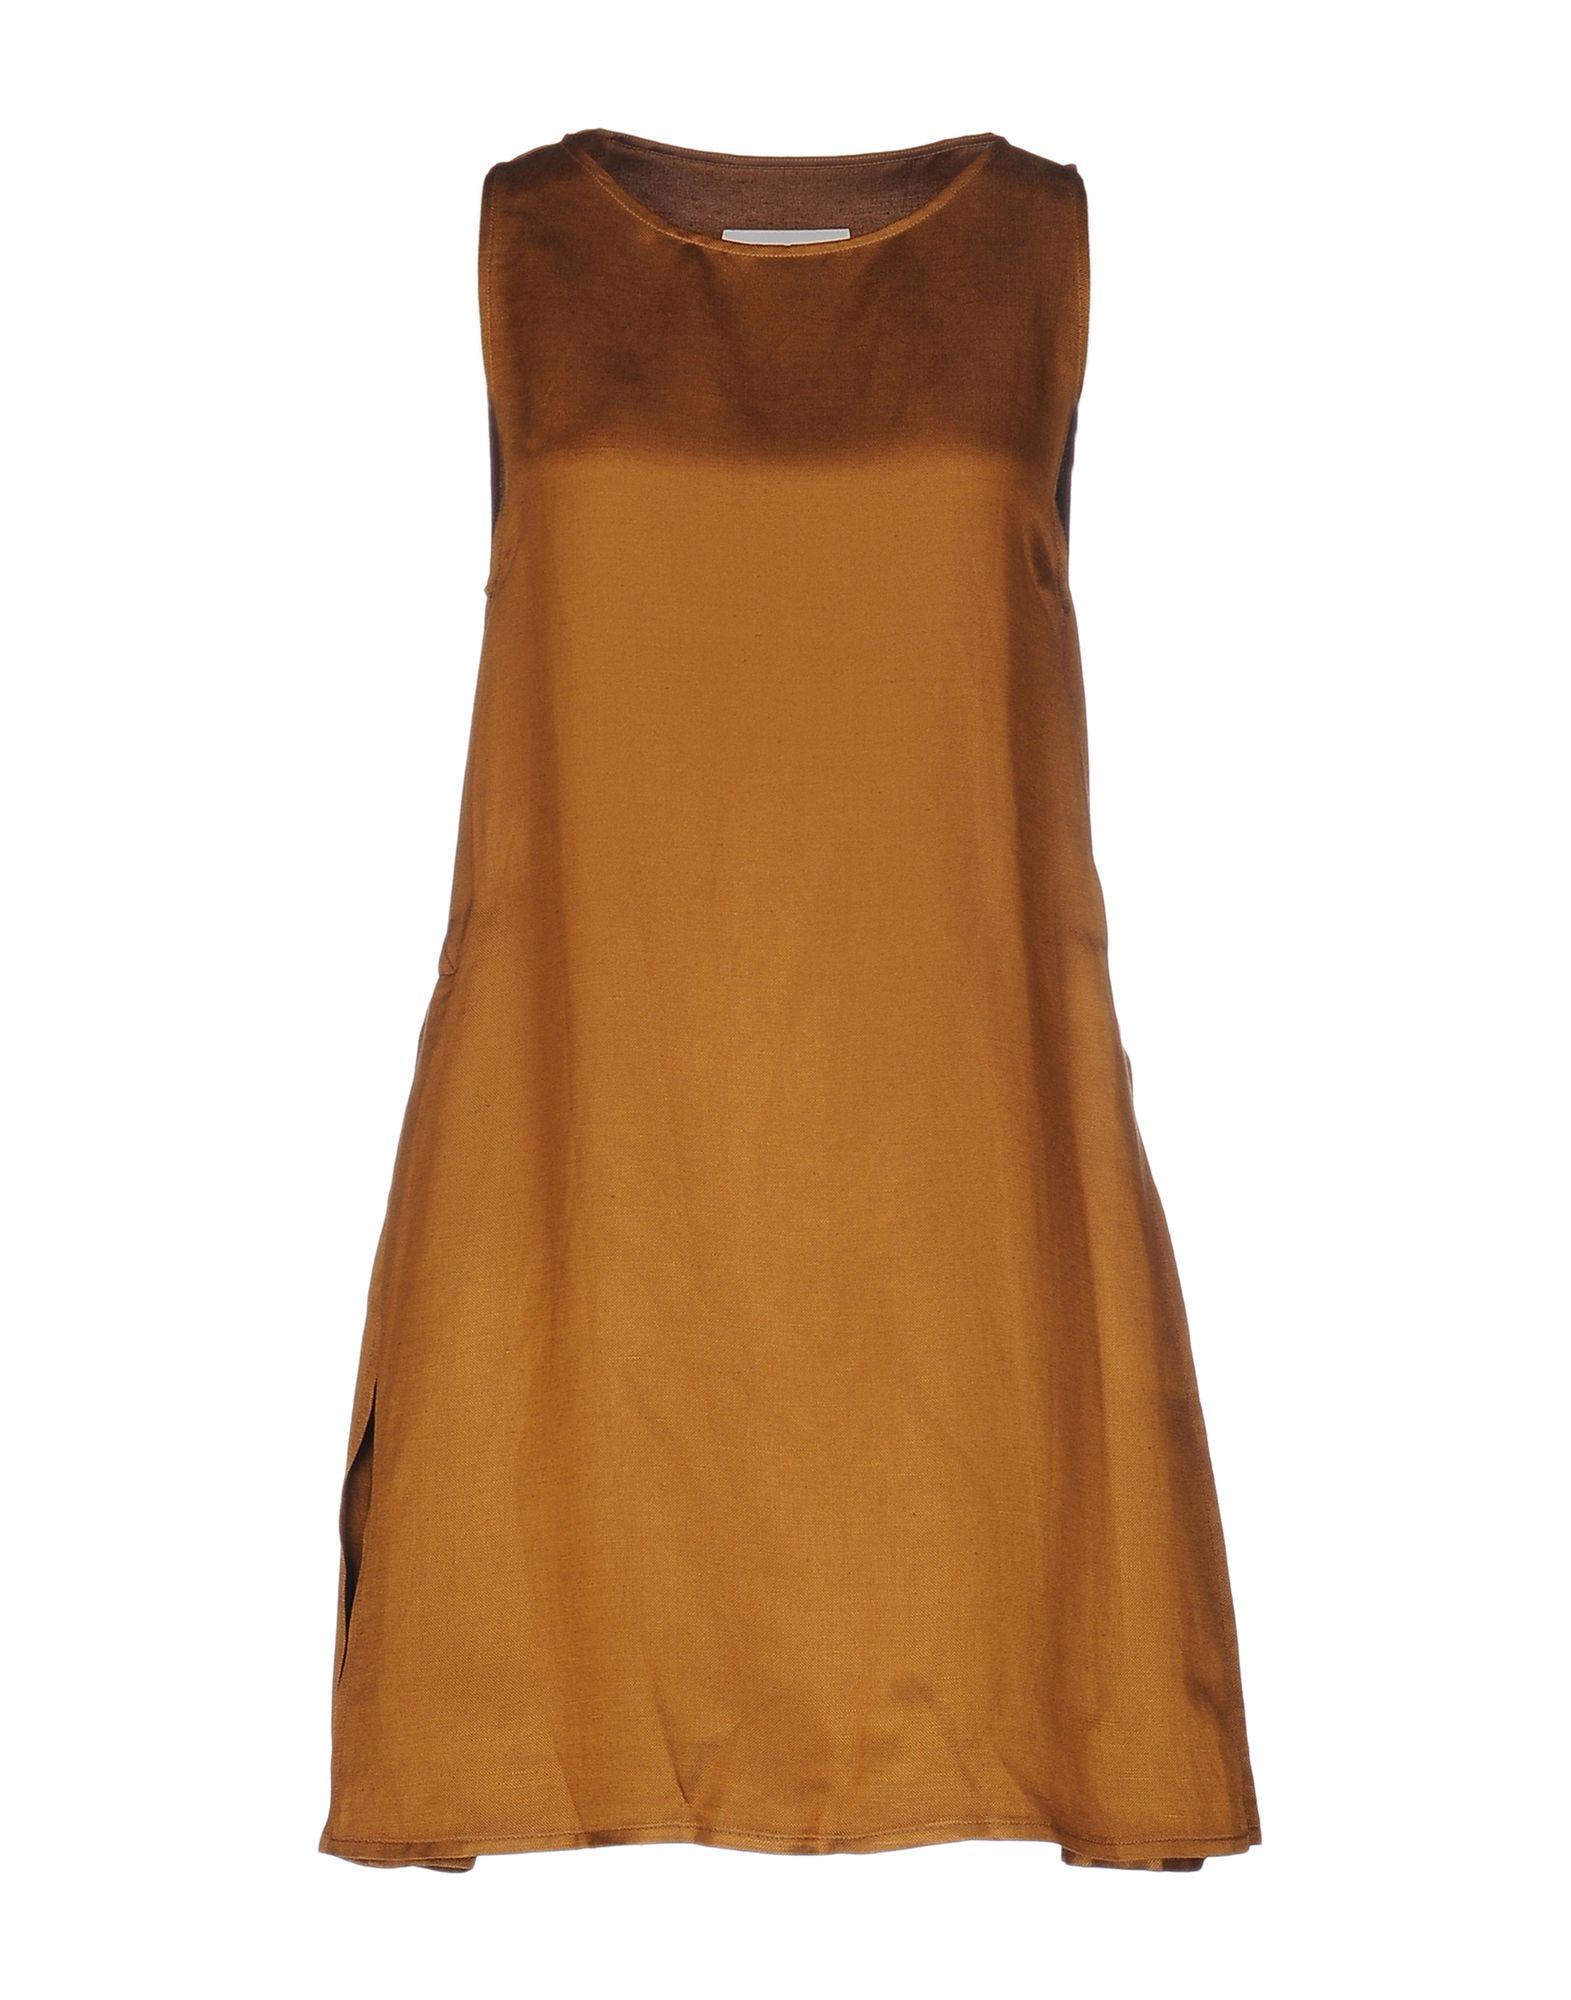 MM6 MAISON MARGIELA Damen Kurzes Kleid Farbe Braun Größe 5 - broschei